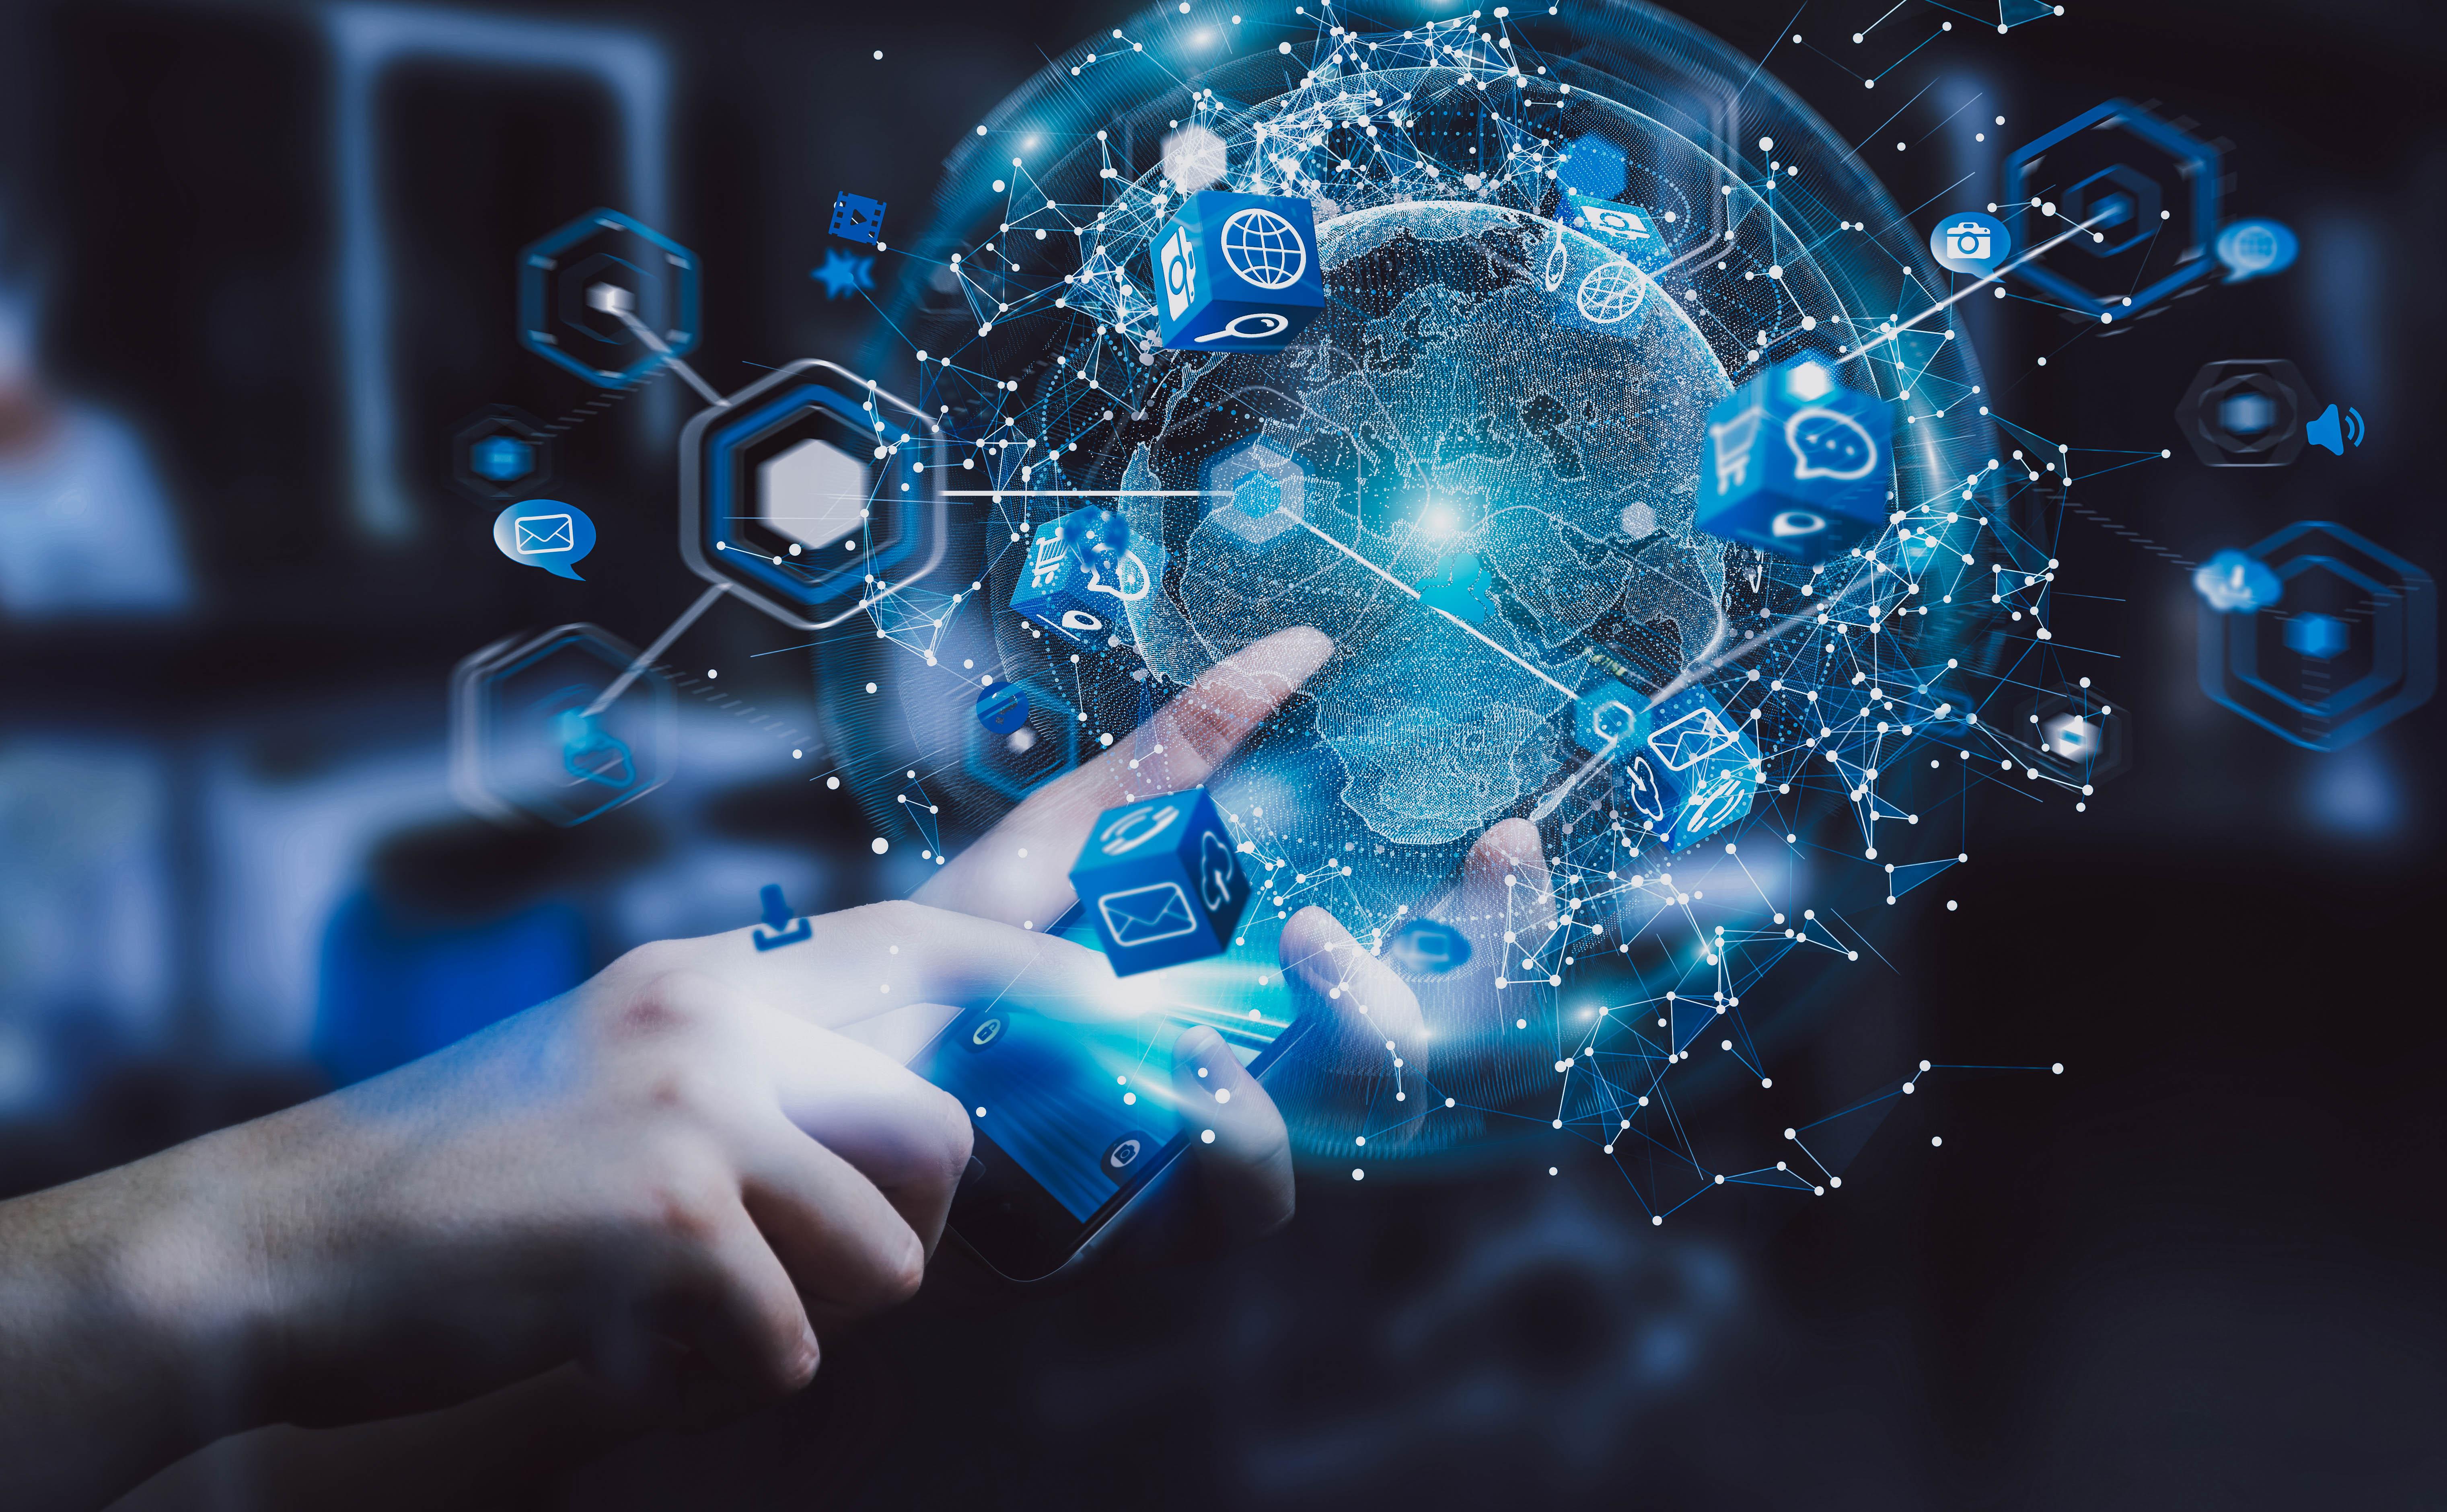 Data_Sources_Connection_Technolegy_1